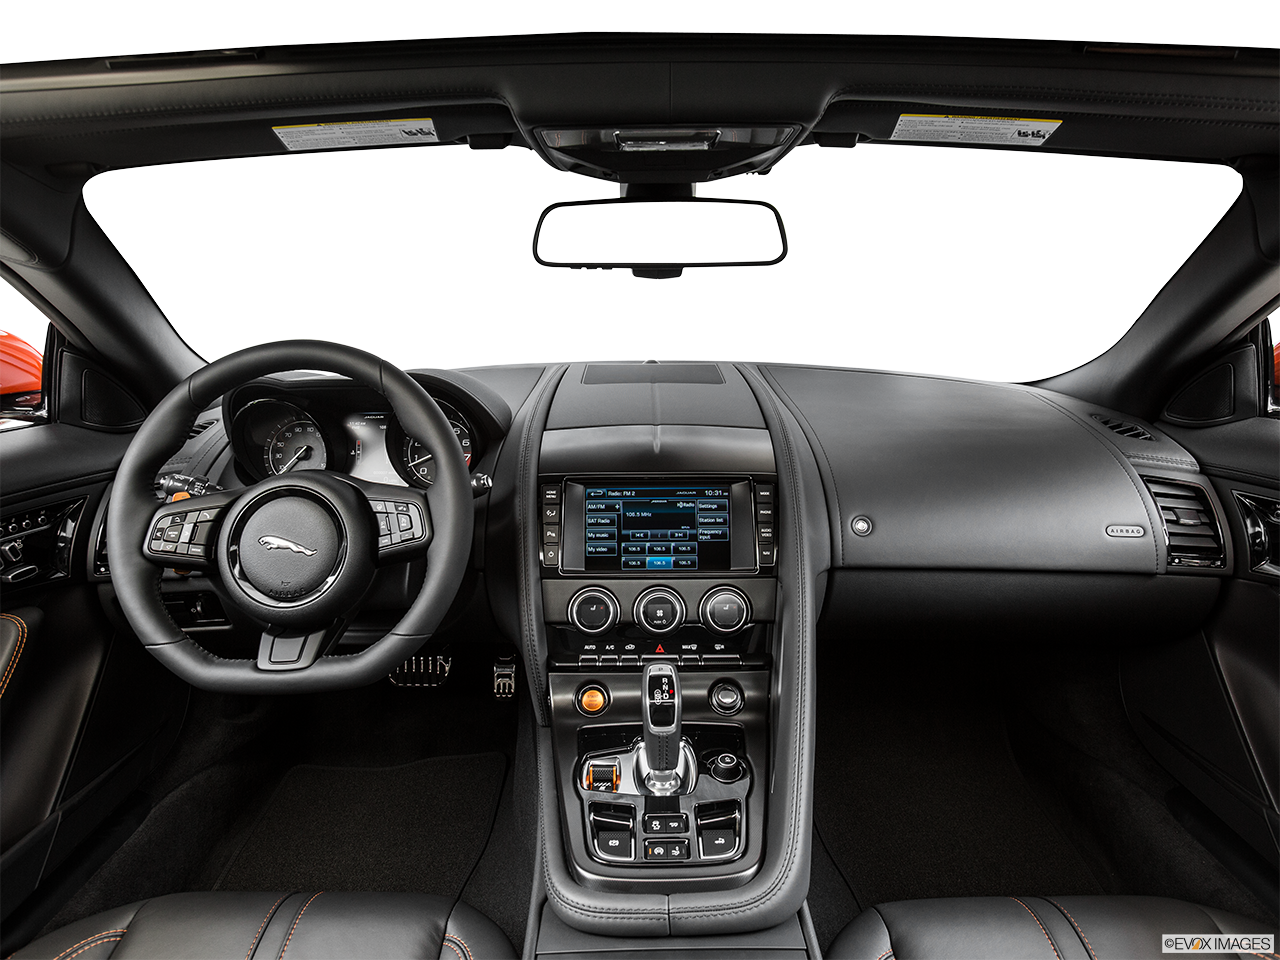 Interior View Of 2015 Jaguar F-Type Convertible in Lake Elsinore